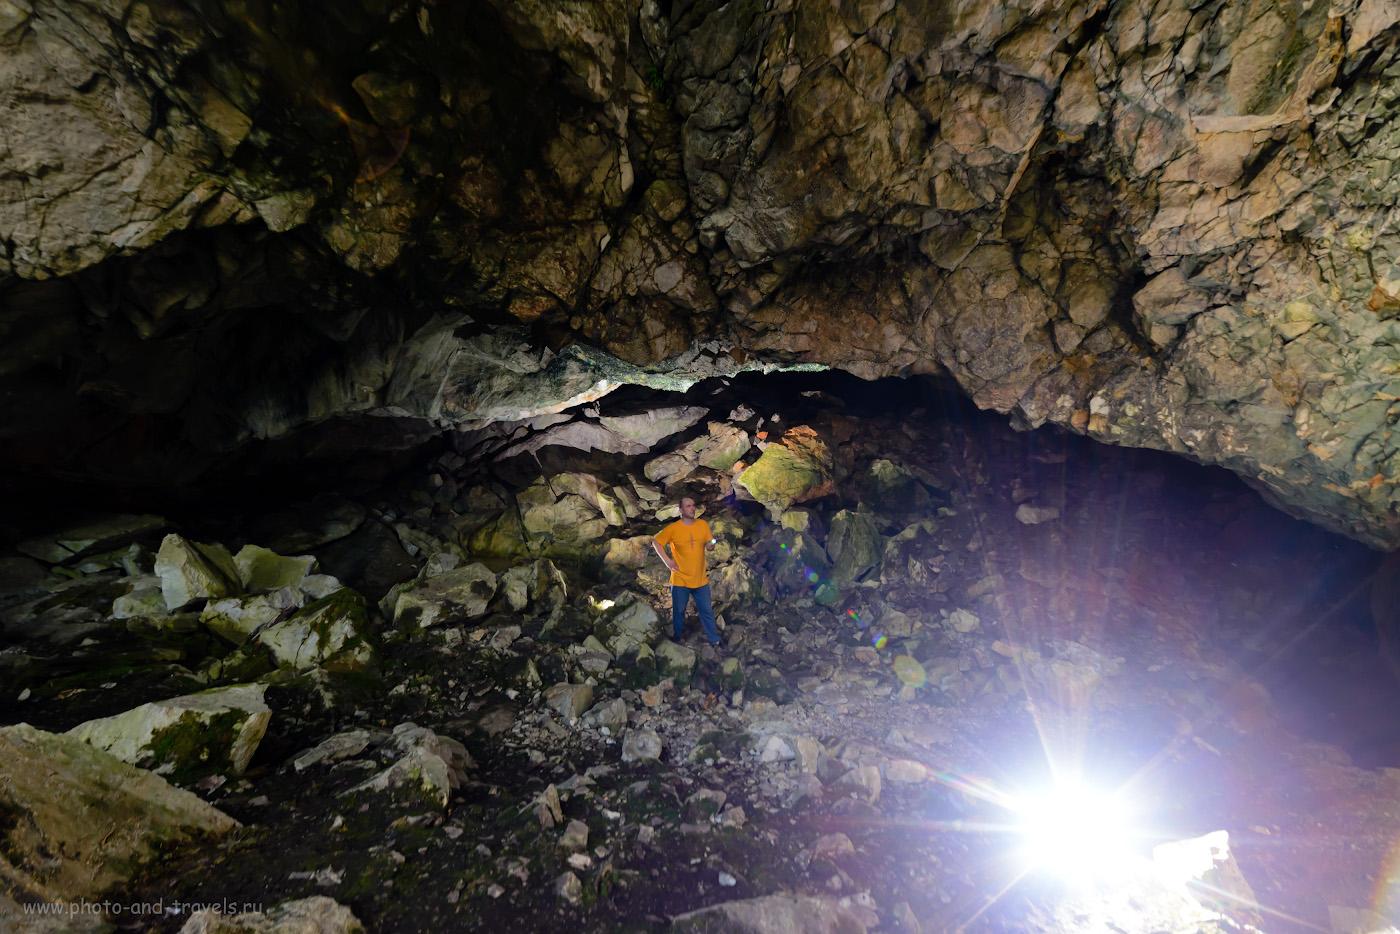 Фото 1. Начинающий фотограф и путешественник в гроте Большой Аракаевской пещеры. Её найти оказалось проще всего. Настройки: В=1/40 сек, f/5.6, ISO 1250, поправка экспозиции -1EV, ФР=14 мм.